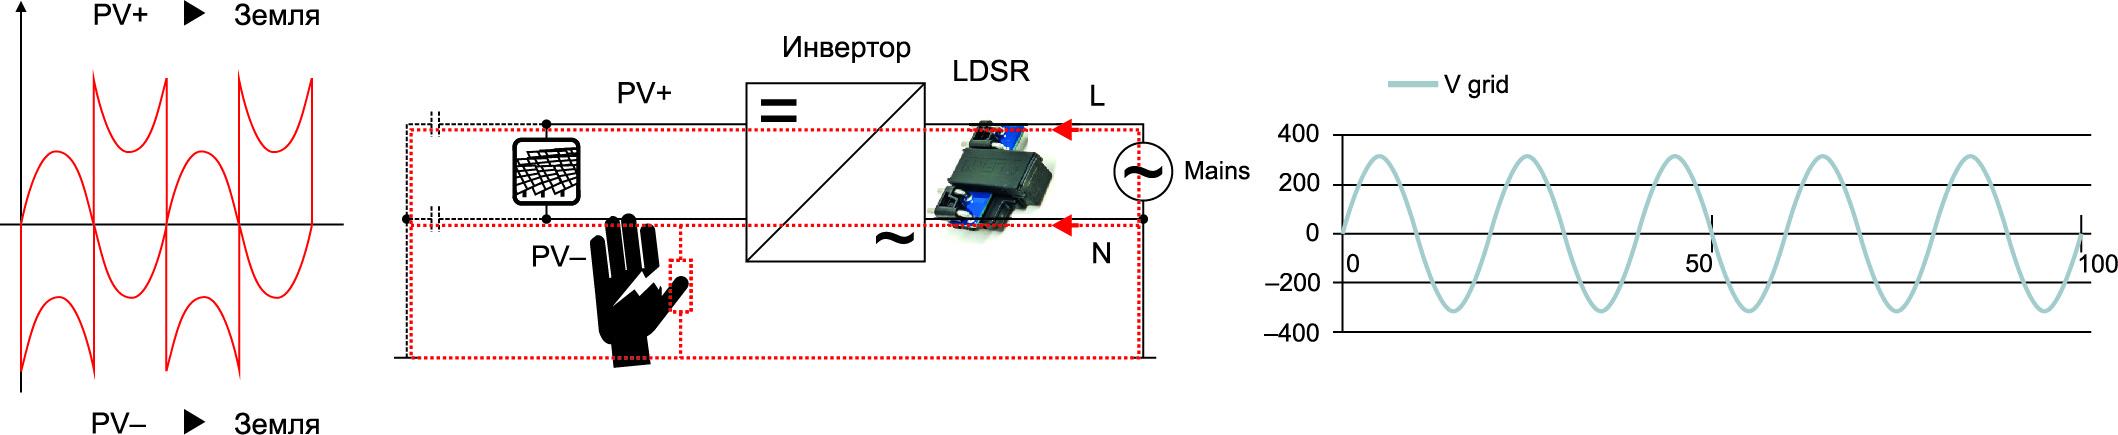 Напряжения и остаточные токи PV-установки